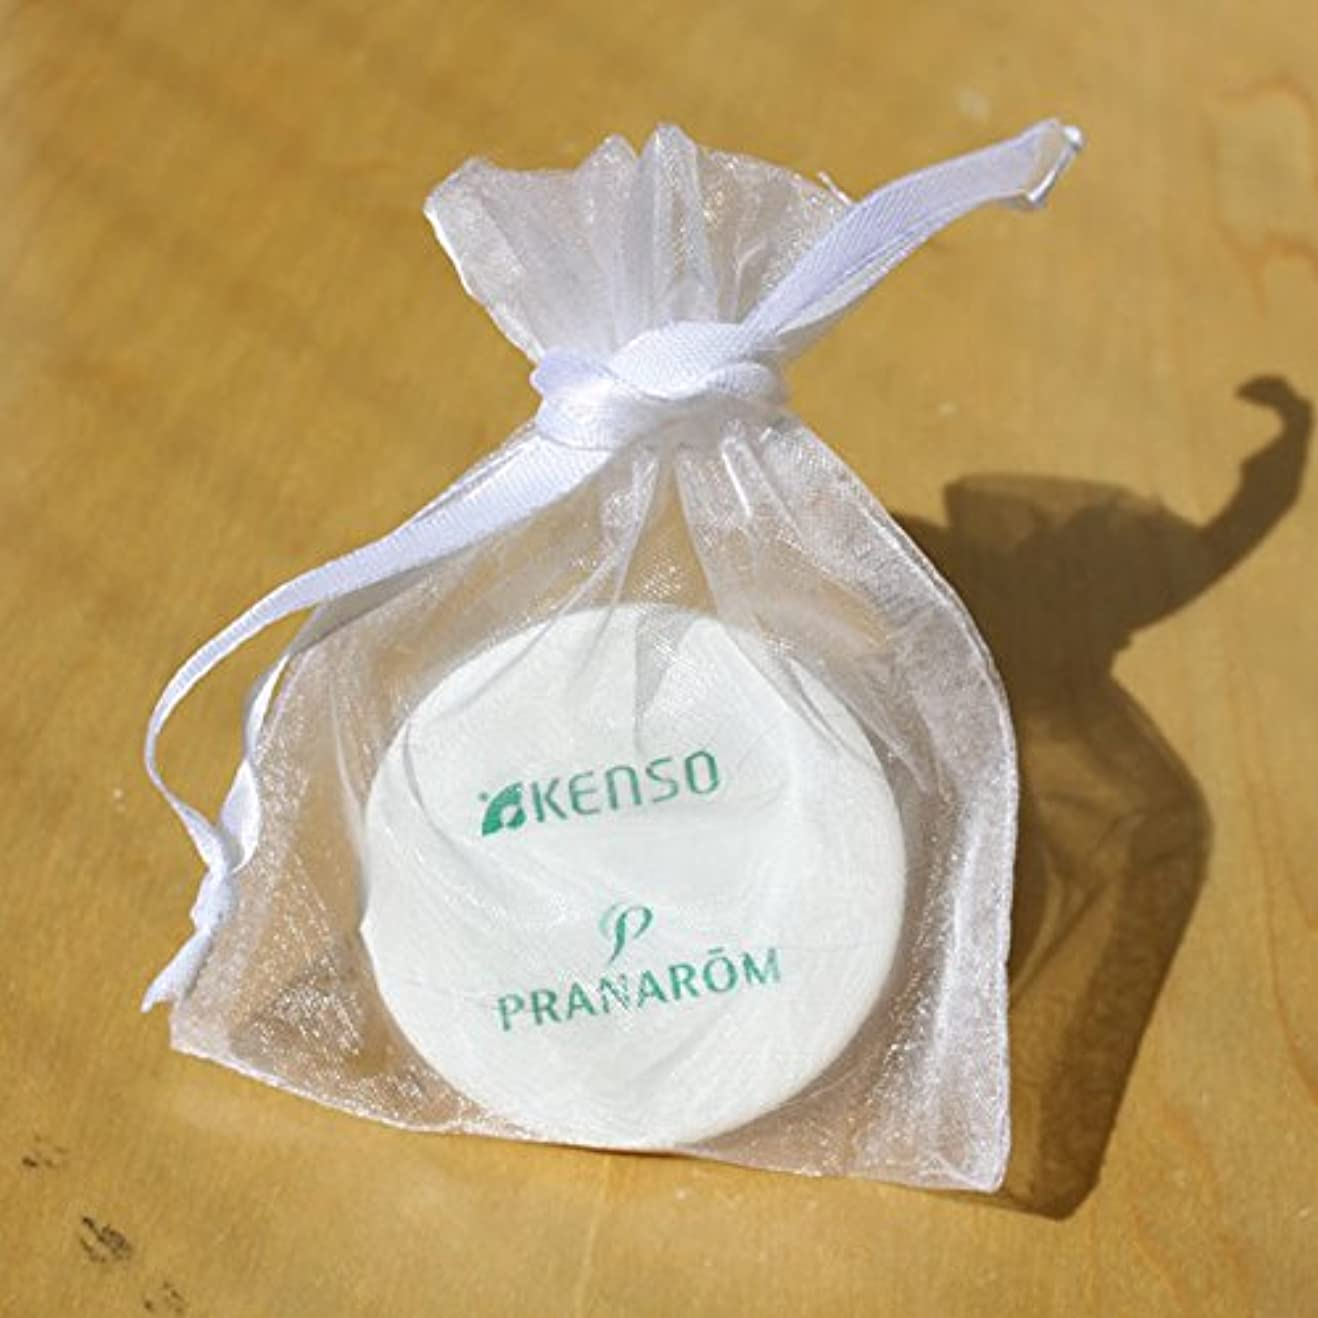 健草医学舎 ( KENSO ケンソー ) アロマストーン ( 携帯用小袋付ディフューザー ) 02281 アロマストーンディフューザー